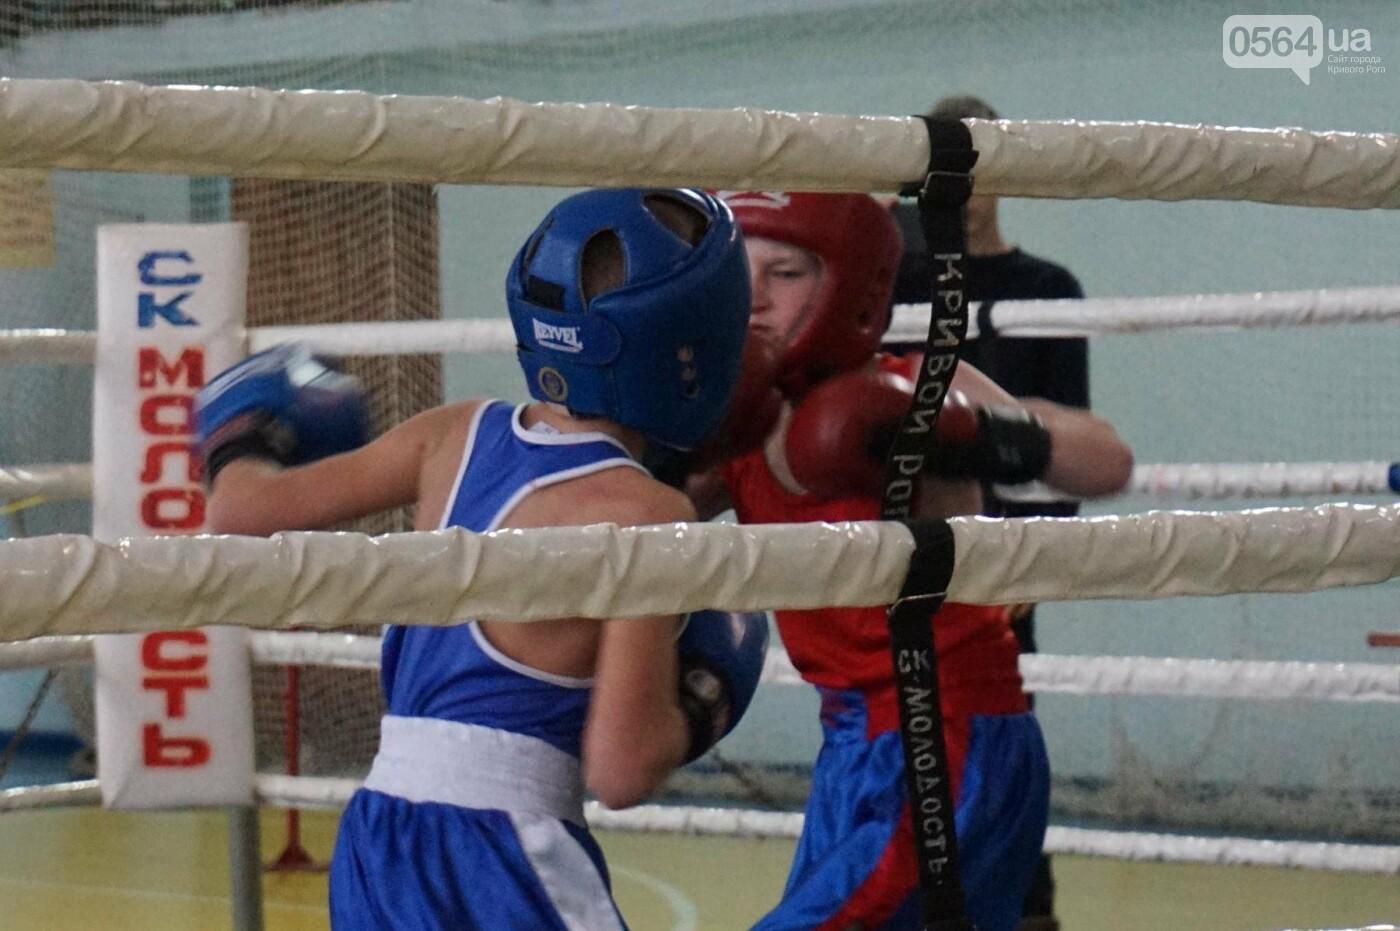 В Кривом Роге состоялся Международный турнир по боксу (ФОТО, ВИДЕО), фото-21